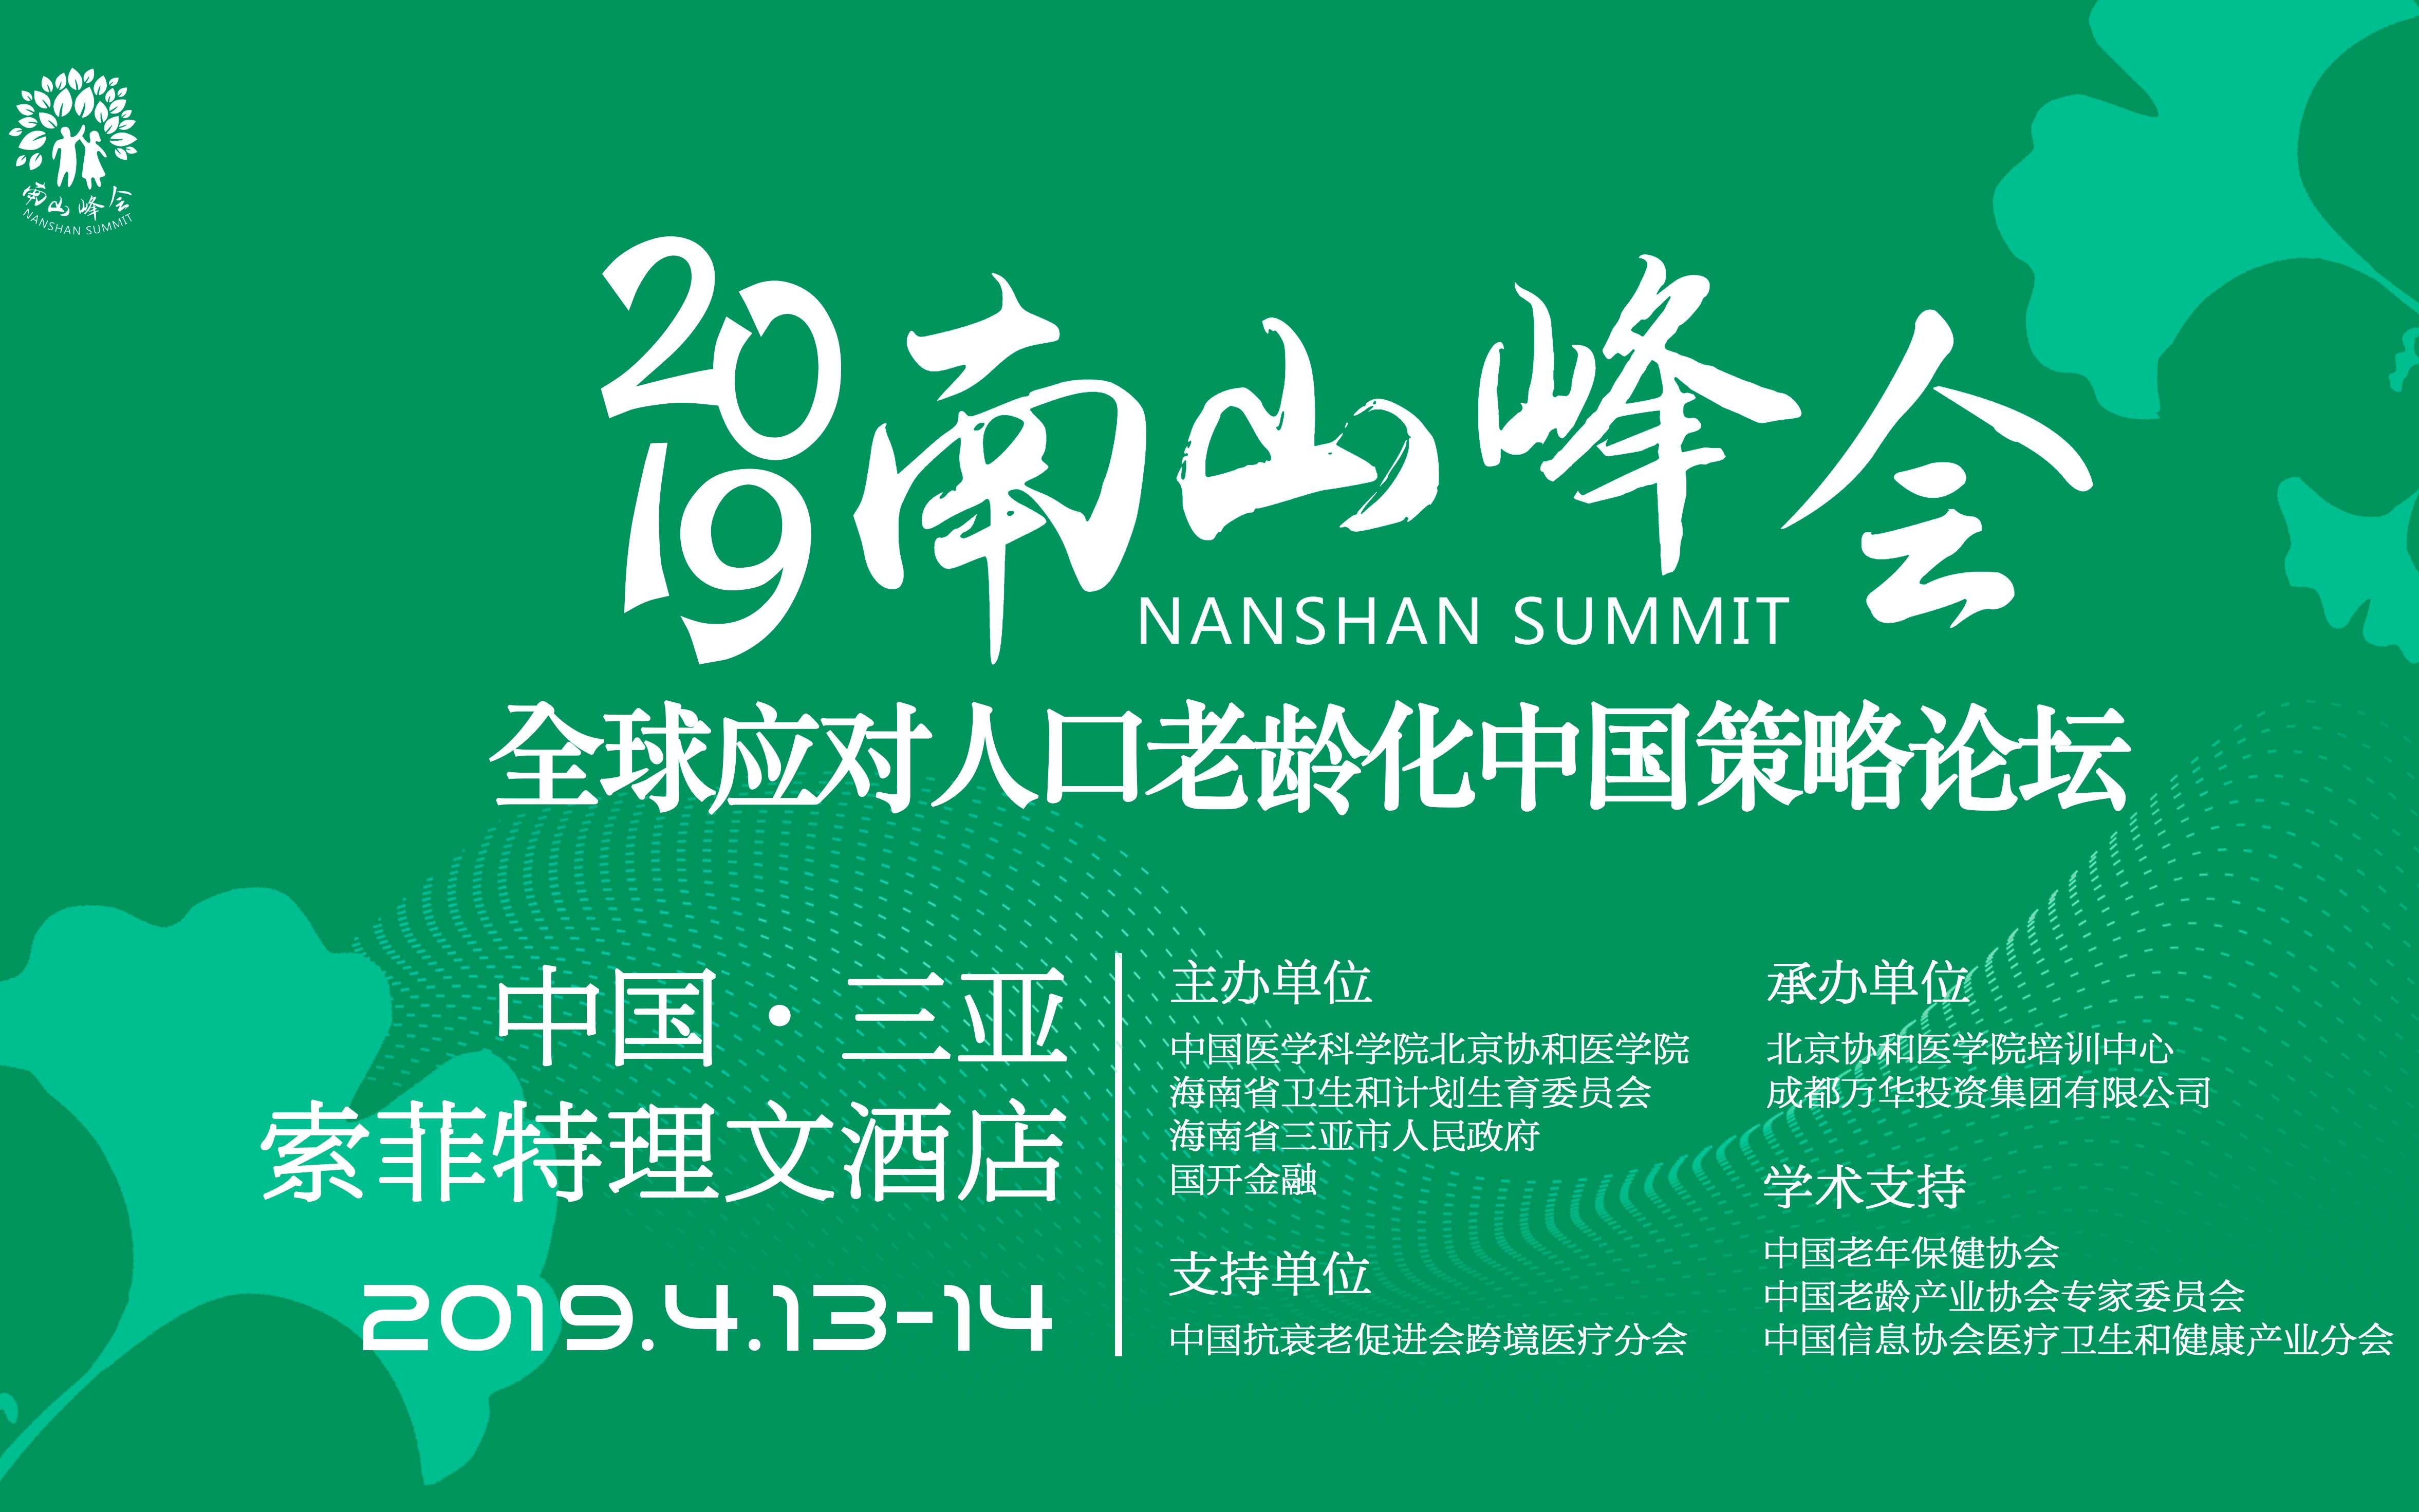 2019南山峰会暨全球应对人口老龄化中国策略论坛(三亚)